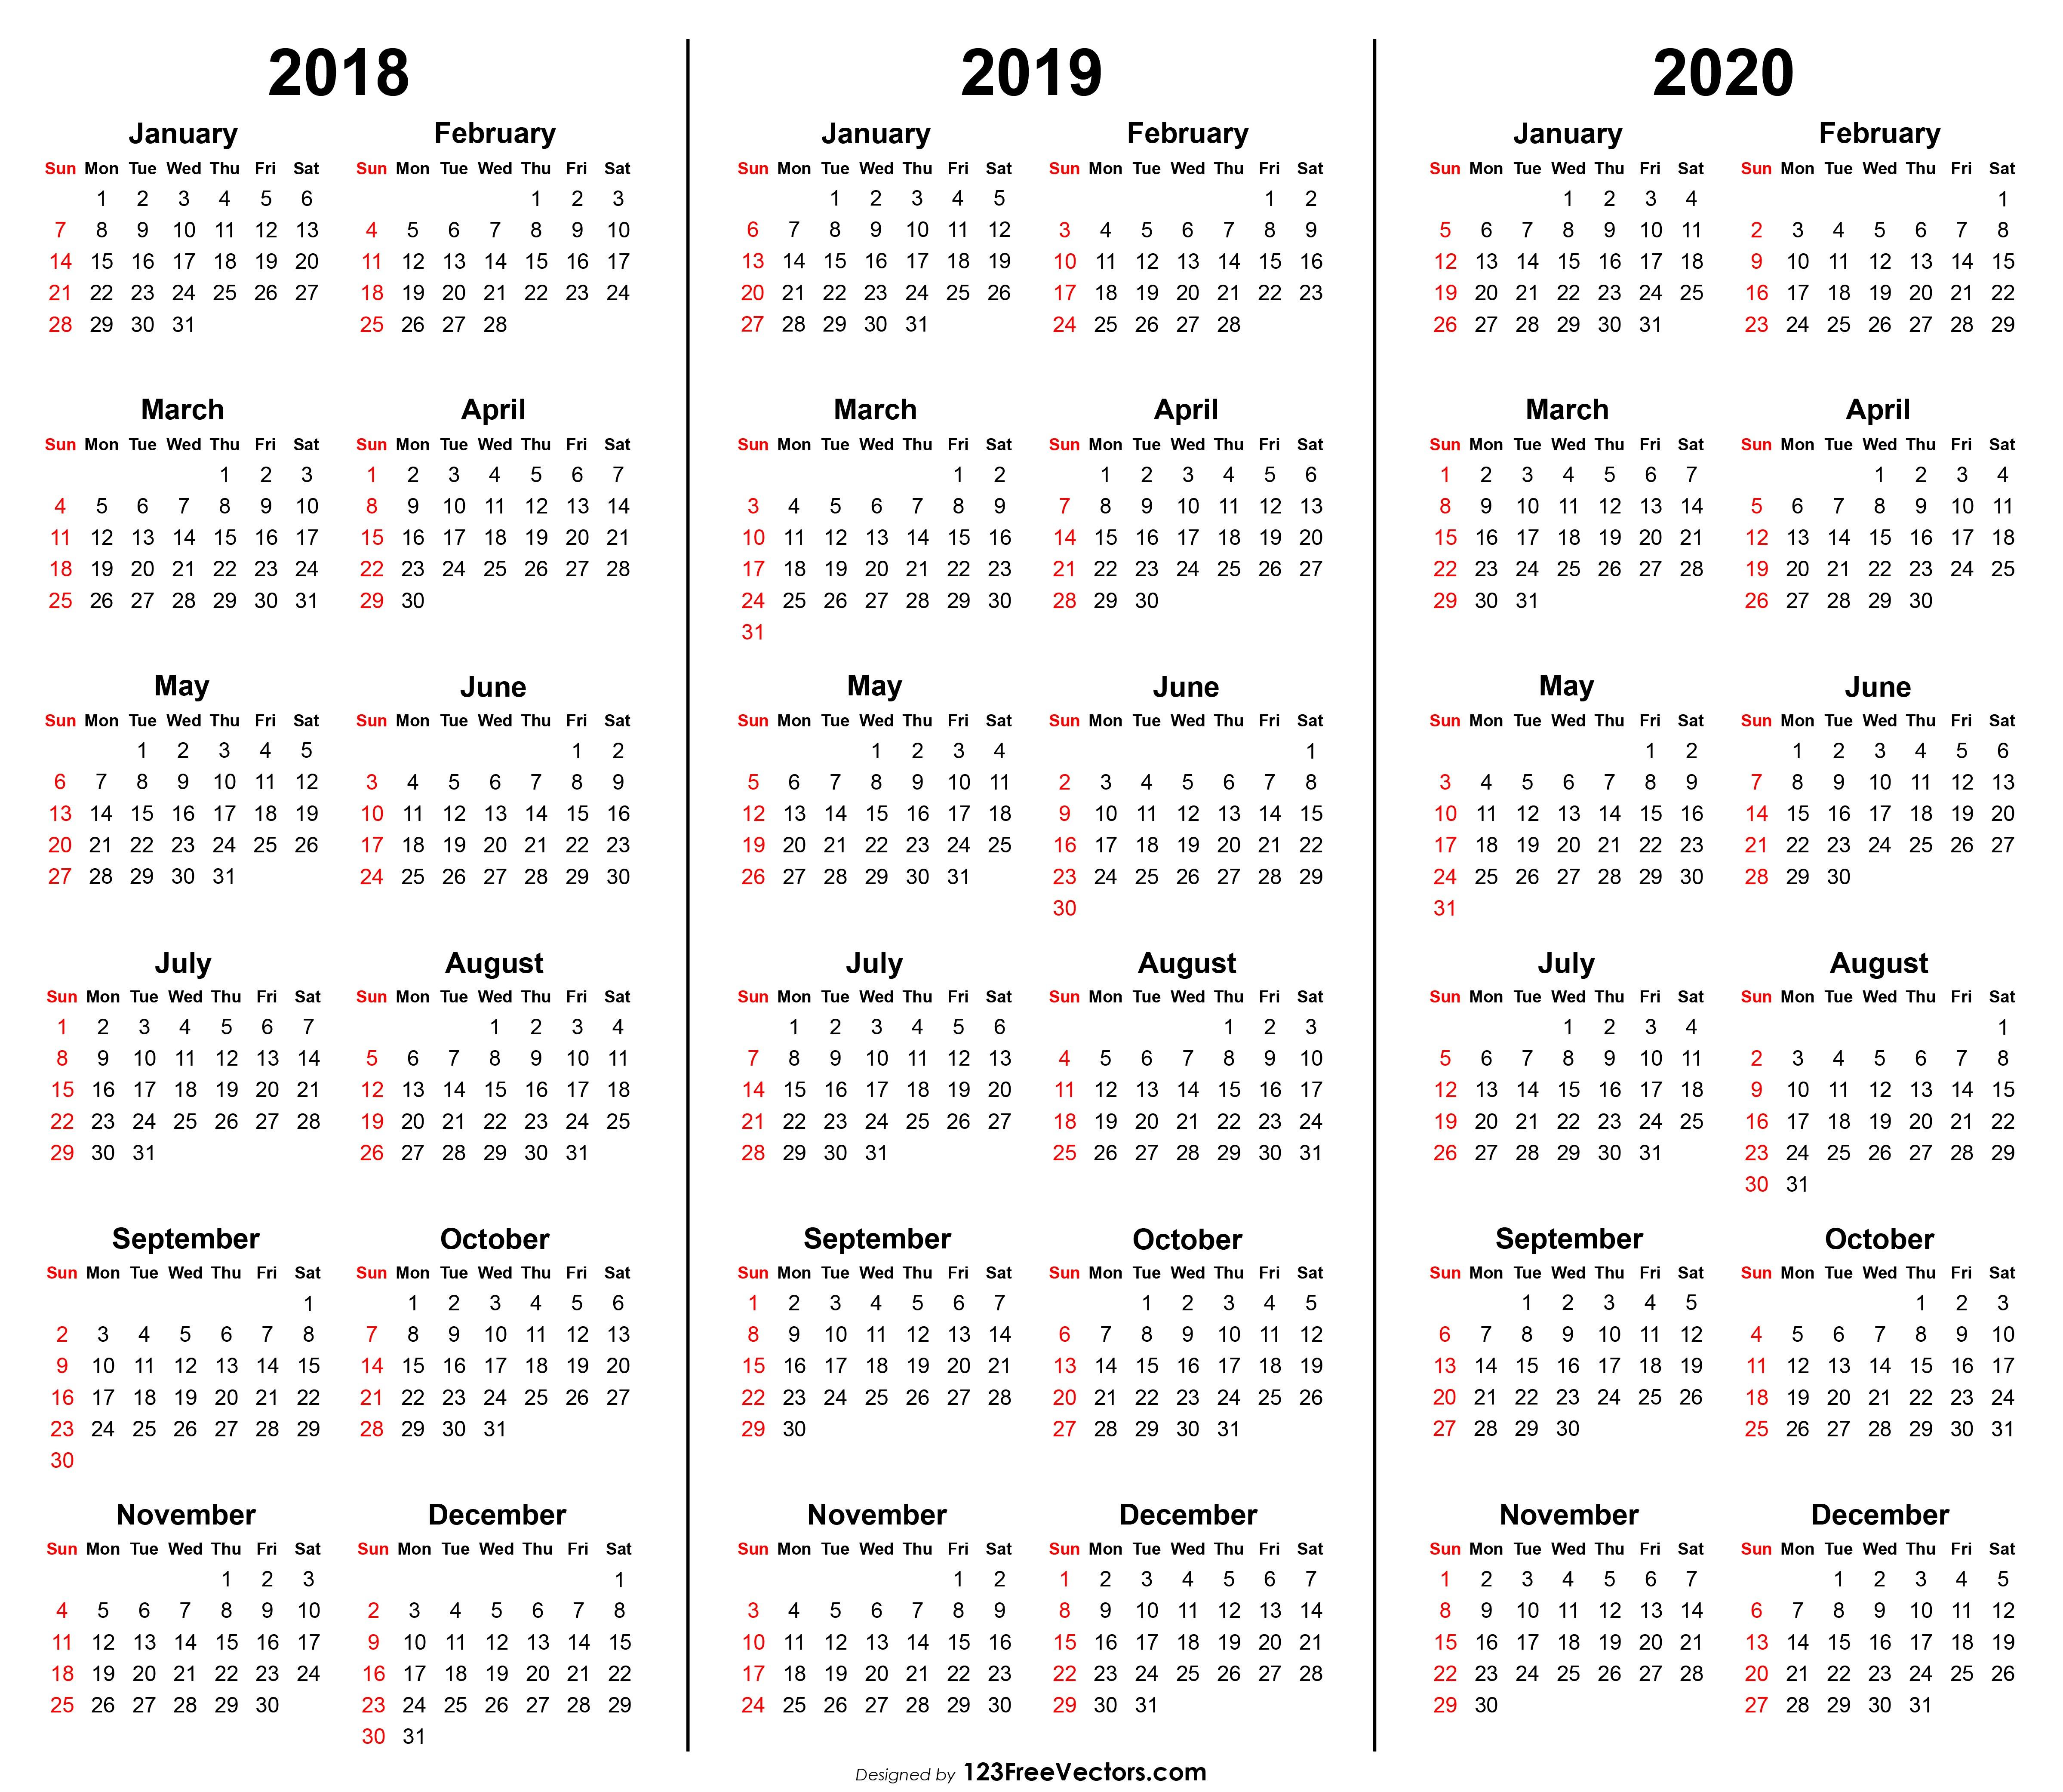 Printable W9 Form 2020 Free